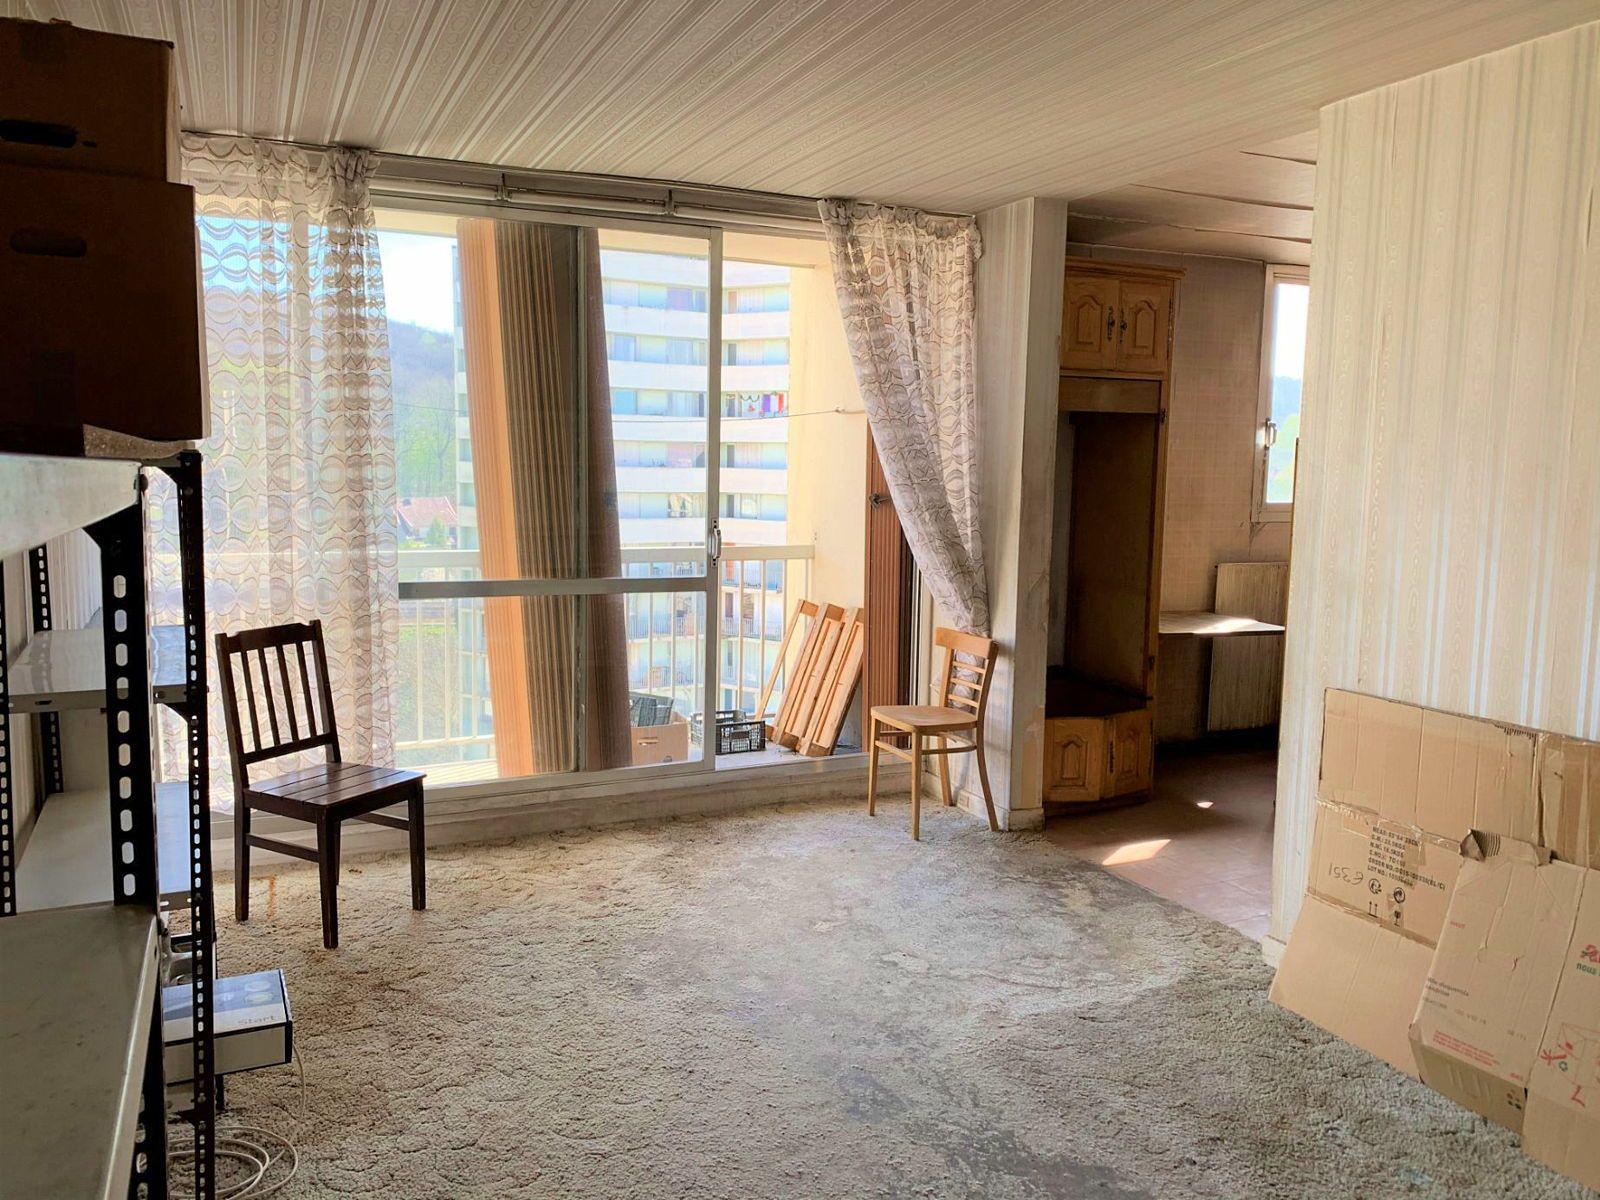 Vends Appartement Chaville à rénover 3pièce(s) 61m² + balcon et cave - 2chambres